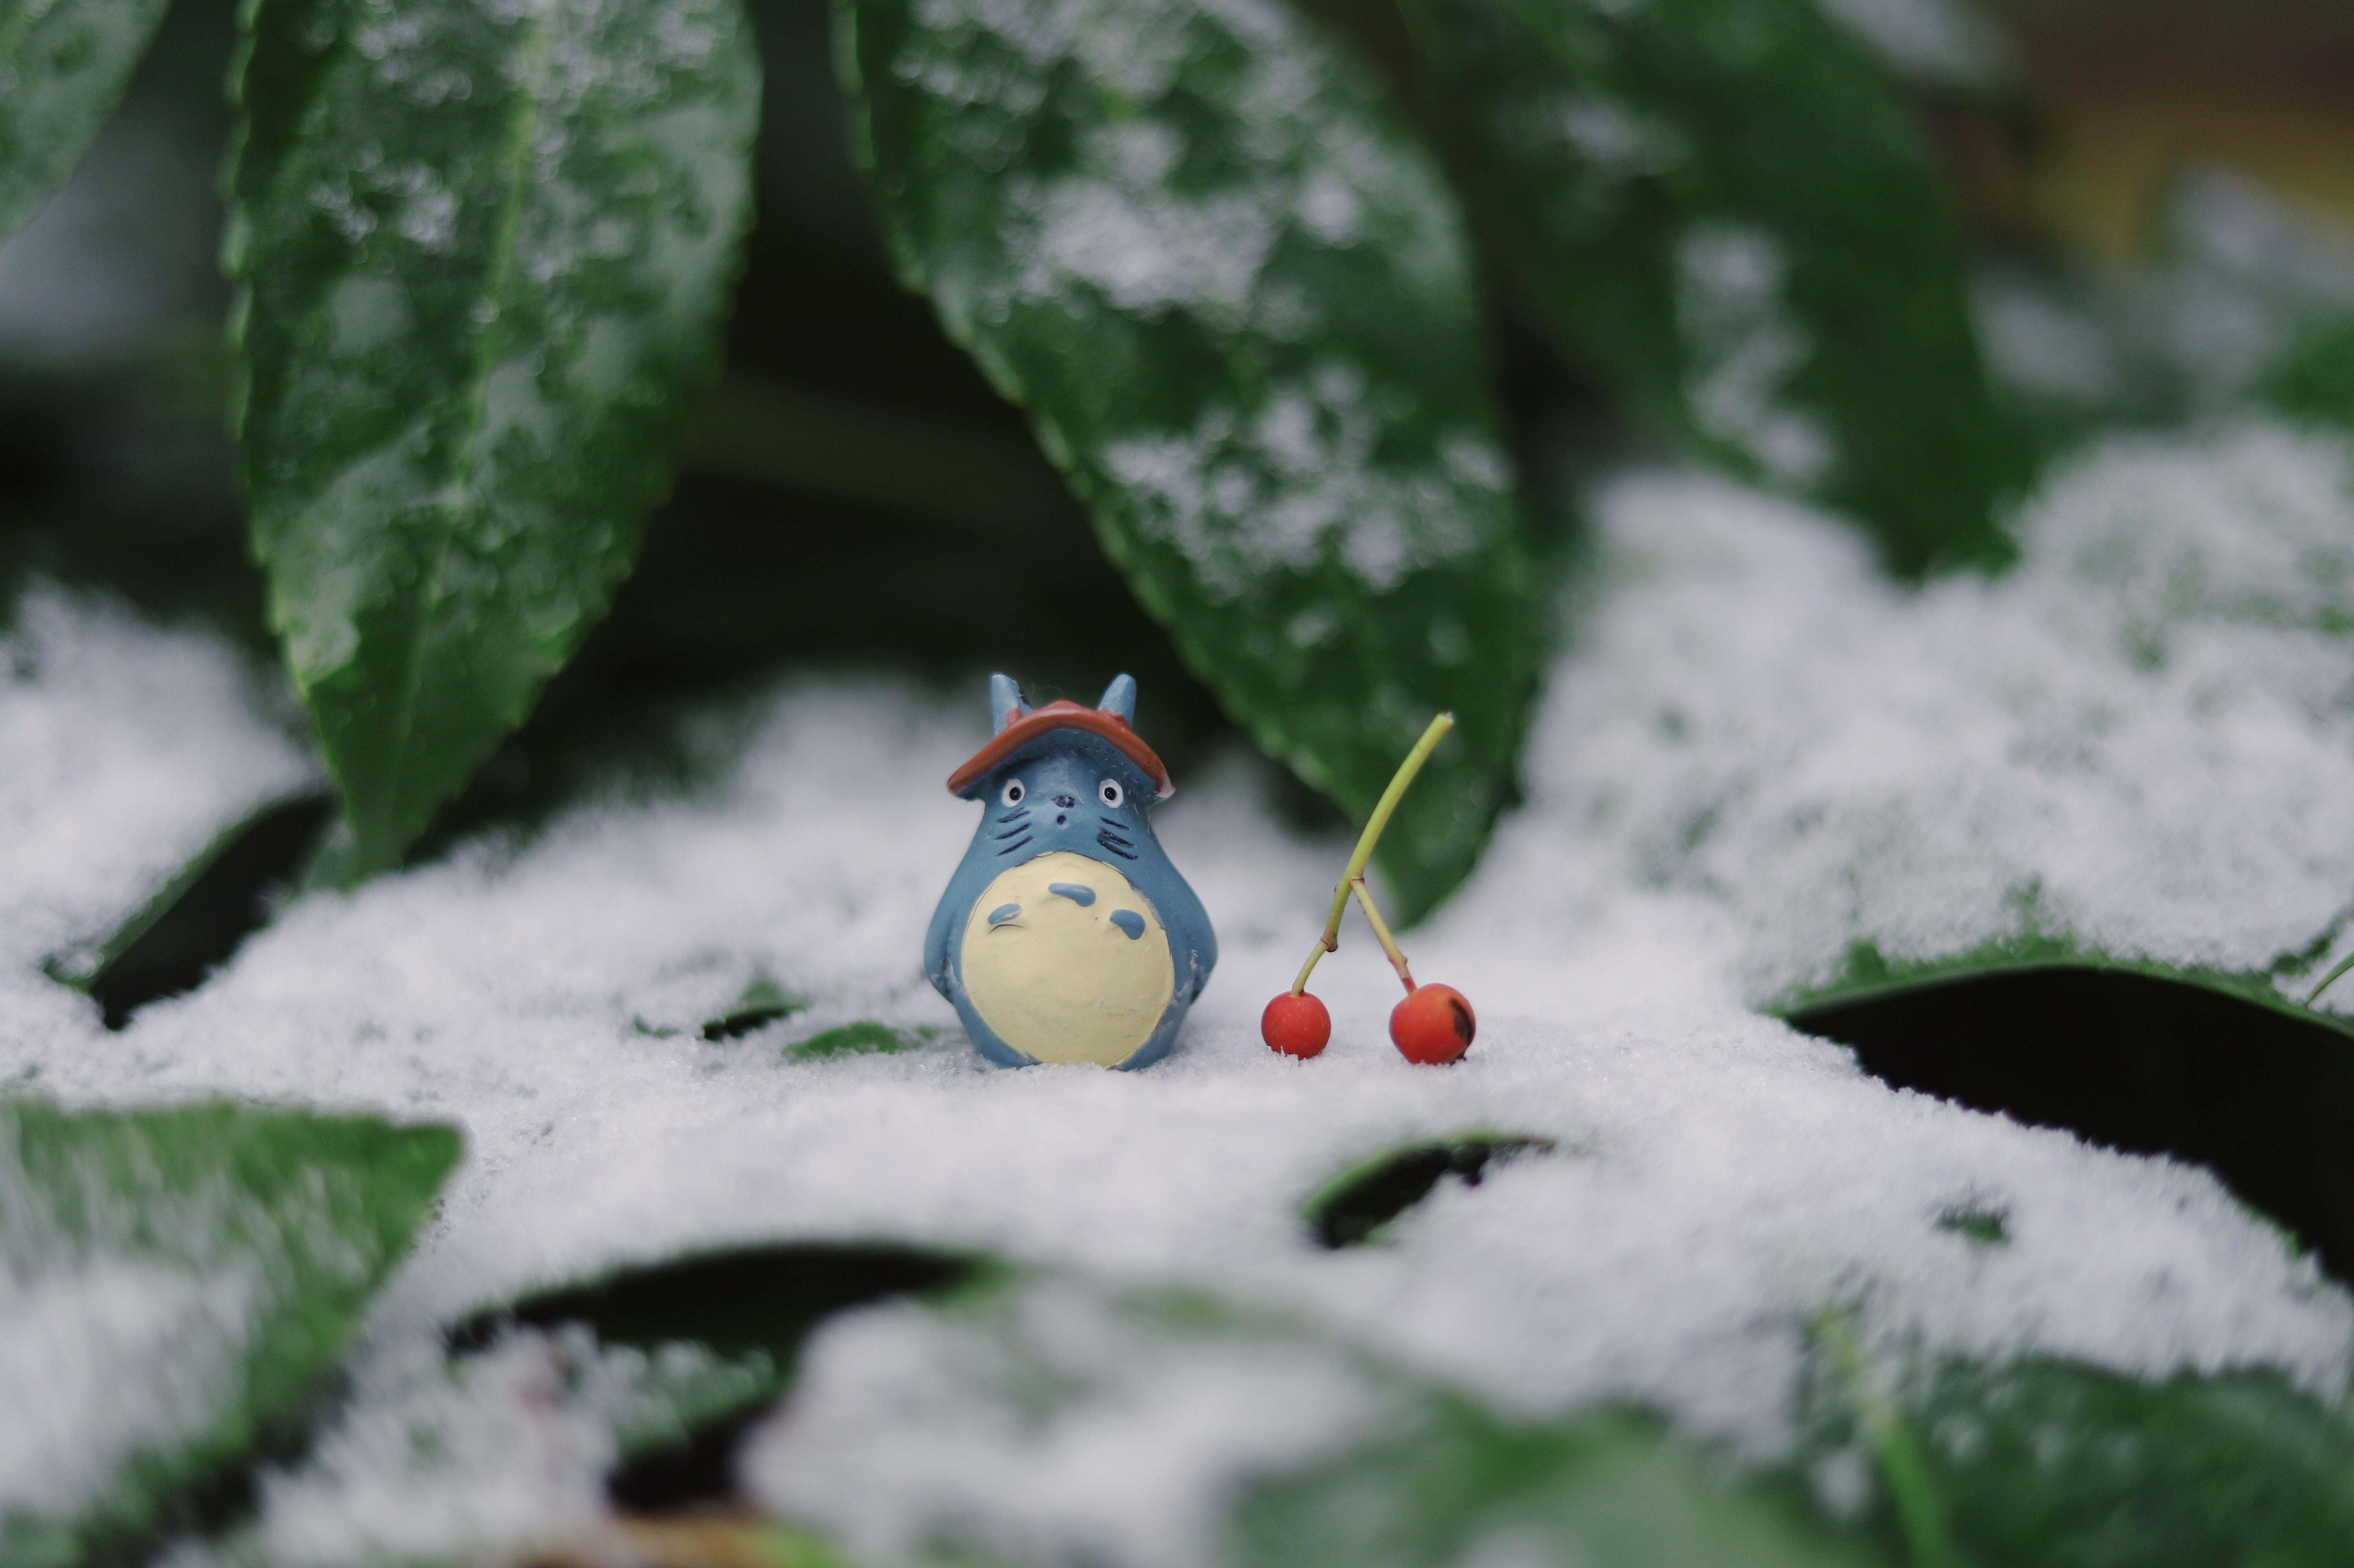 Momotaro plastic figure